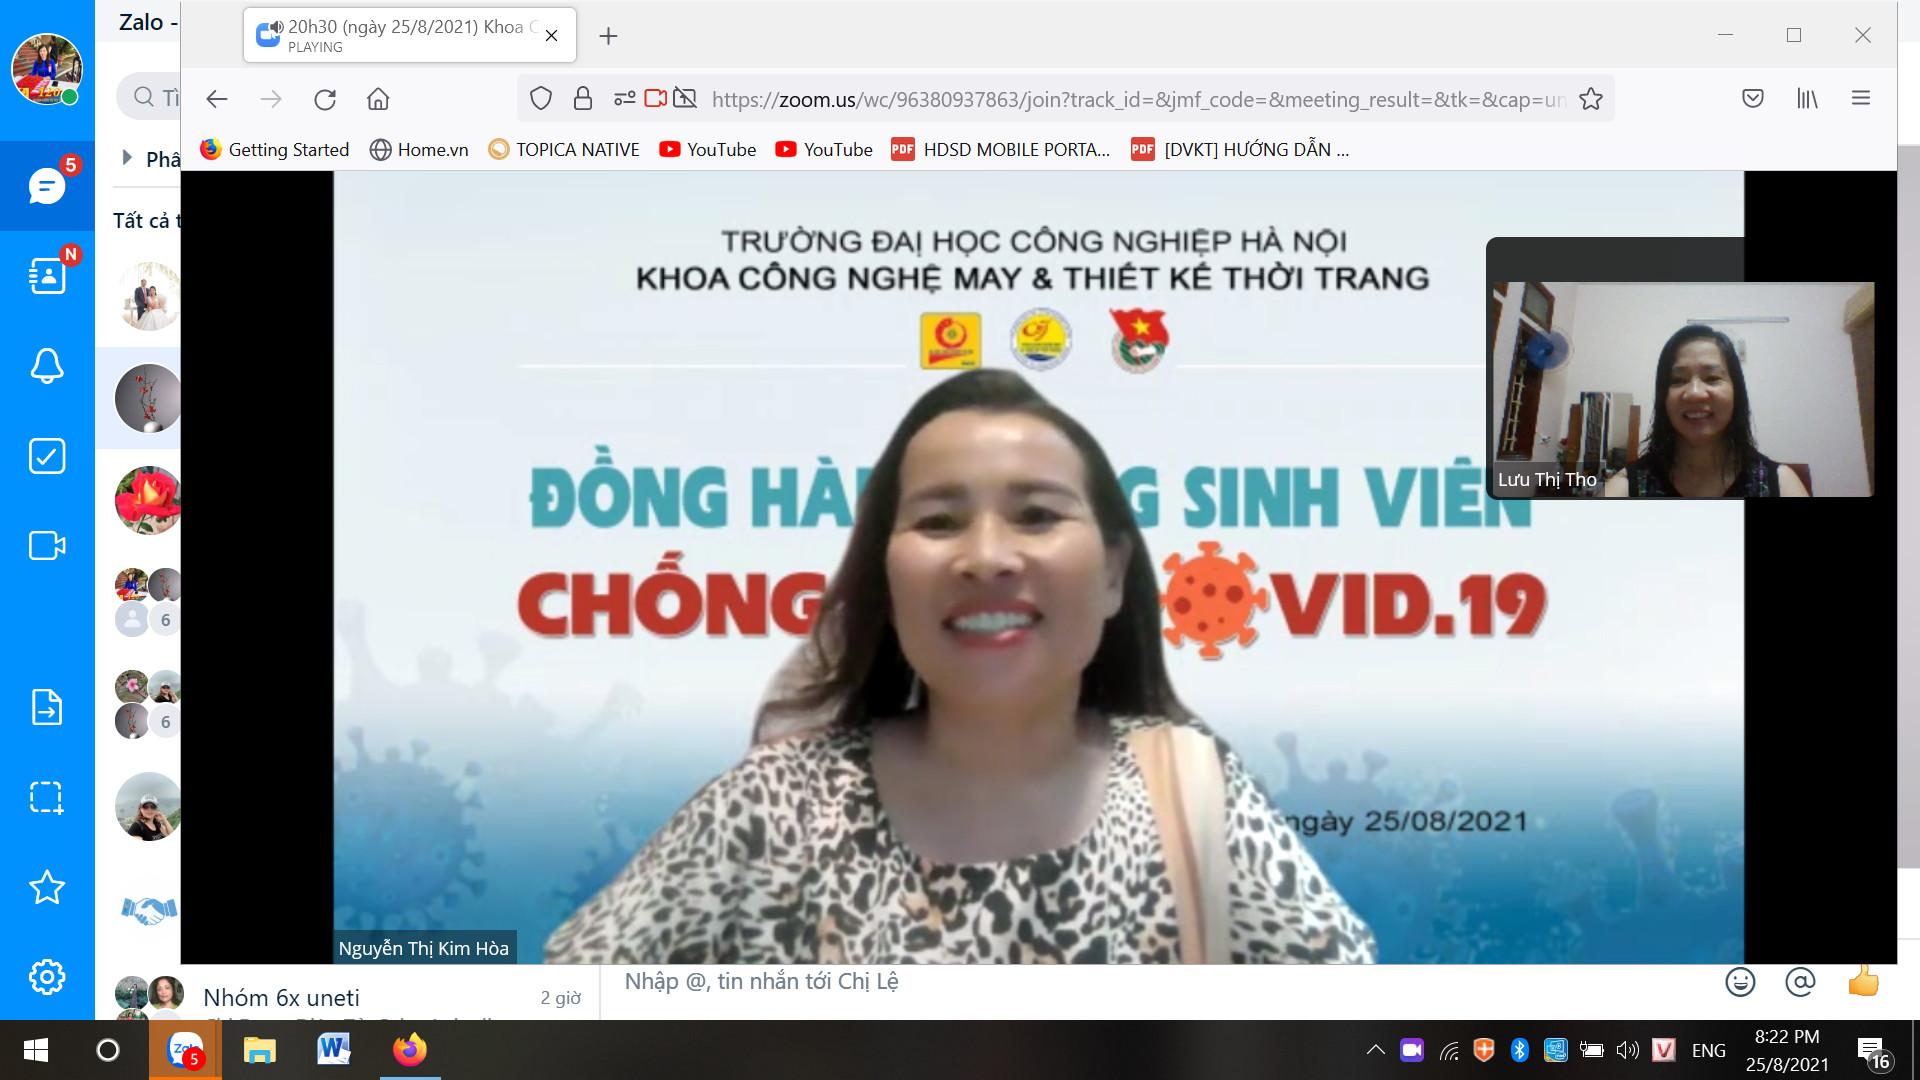 Khoa Công Nghệ May - TKTT đồng hành cùng sinh viên chống dịch covit 19